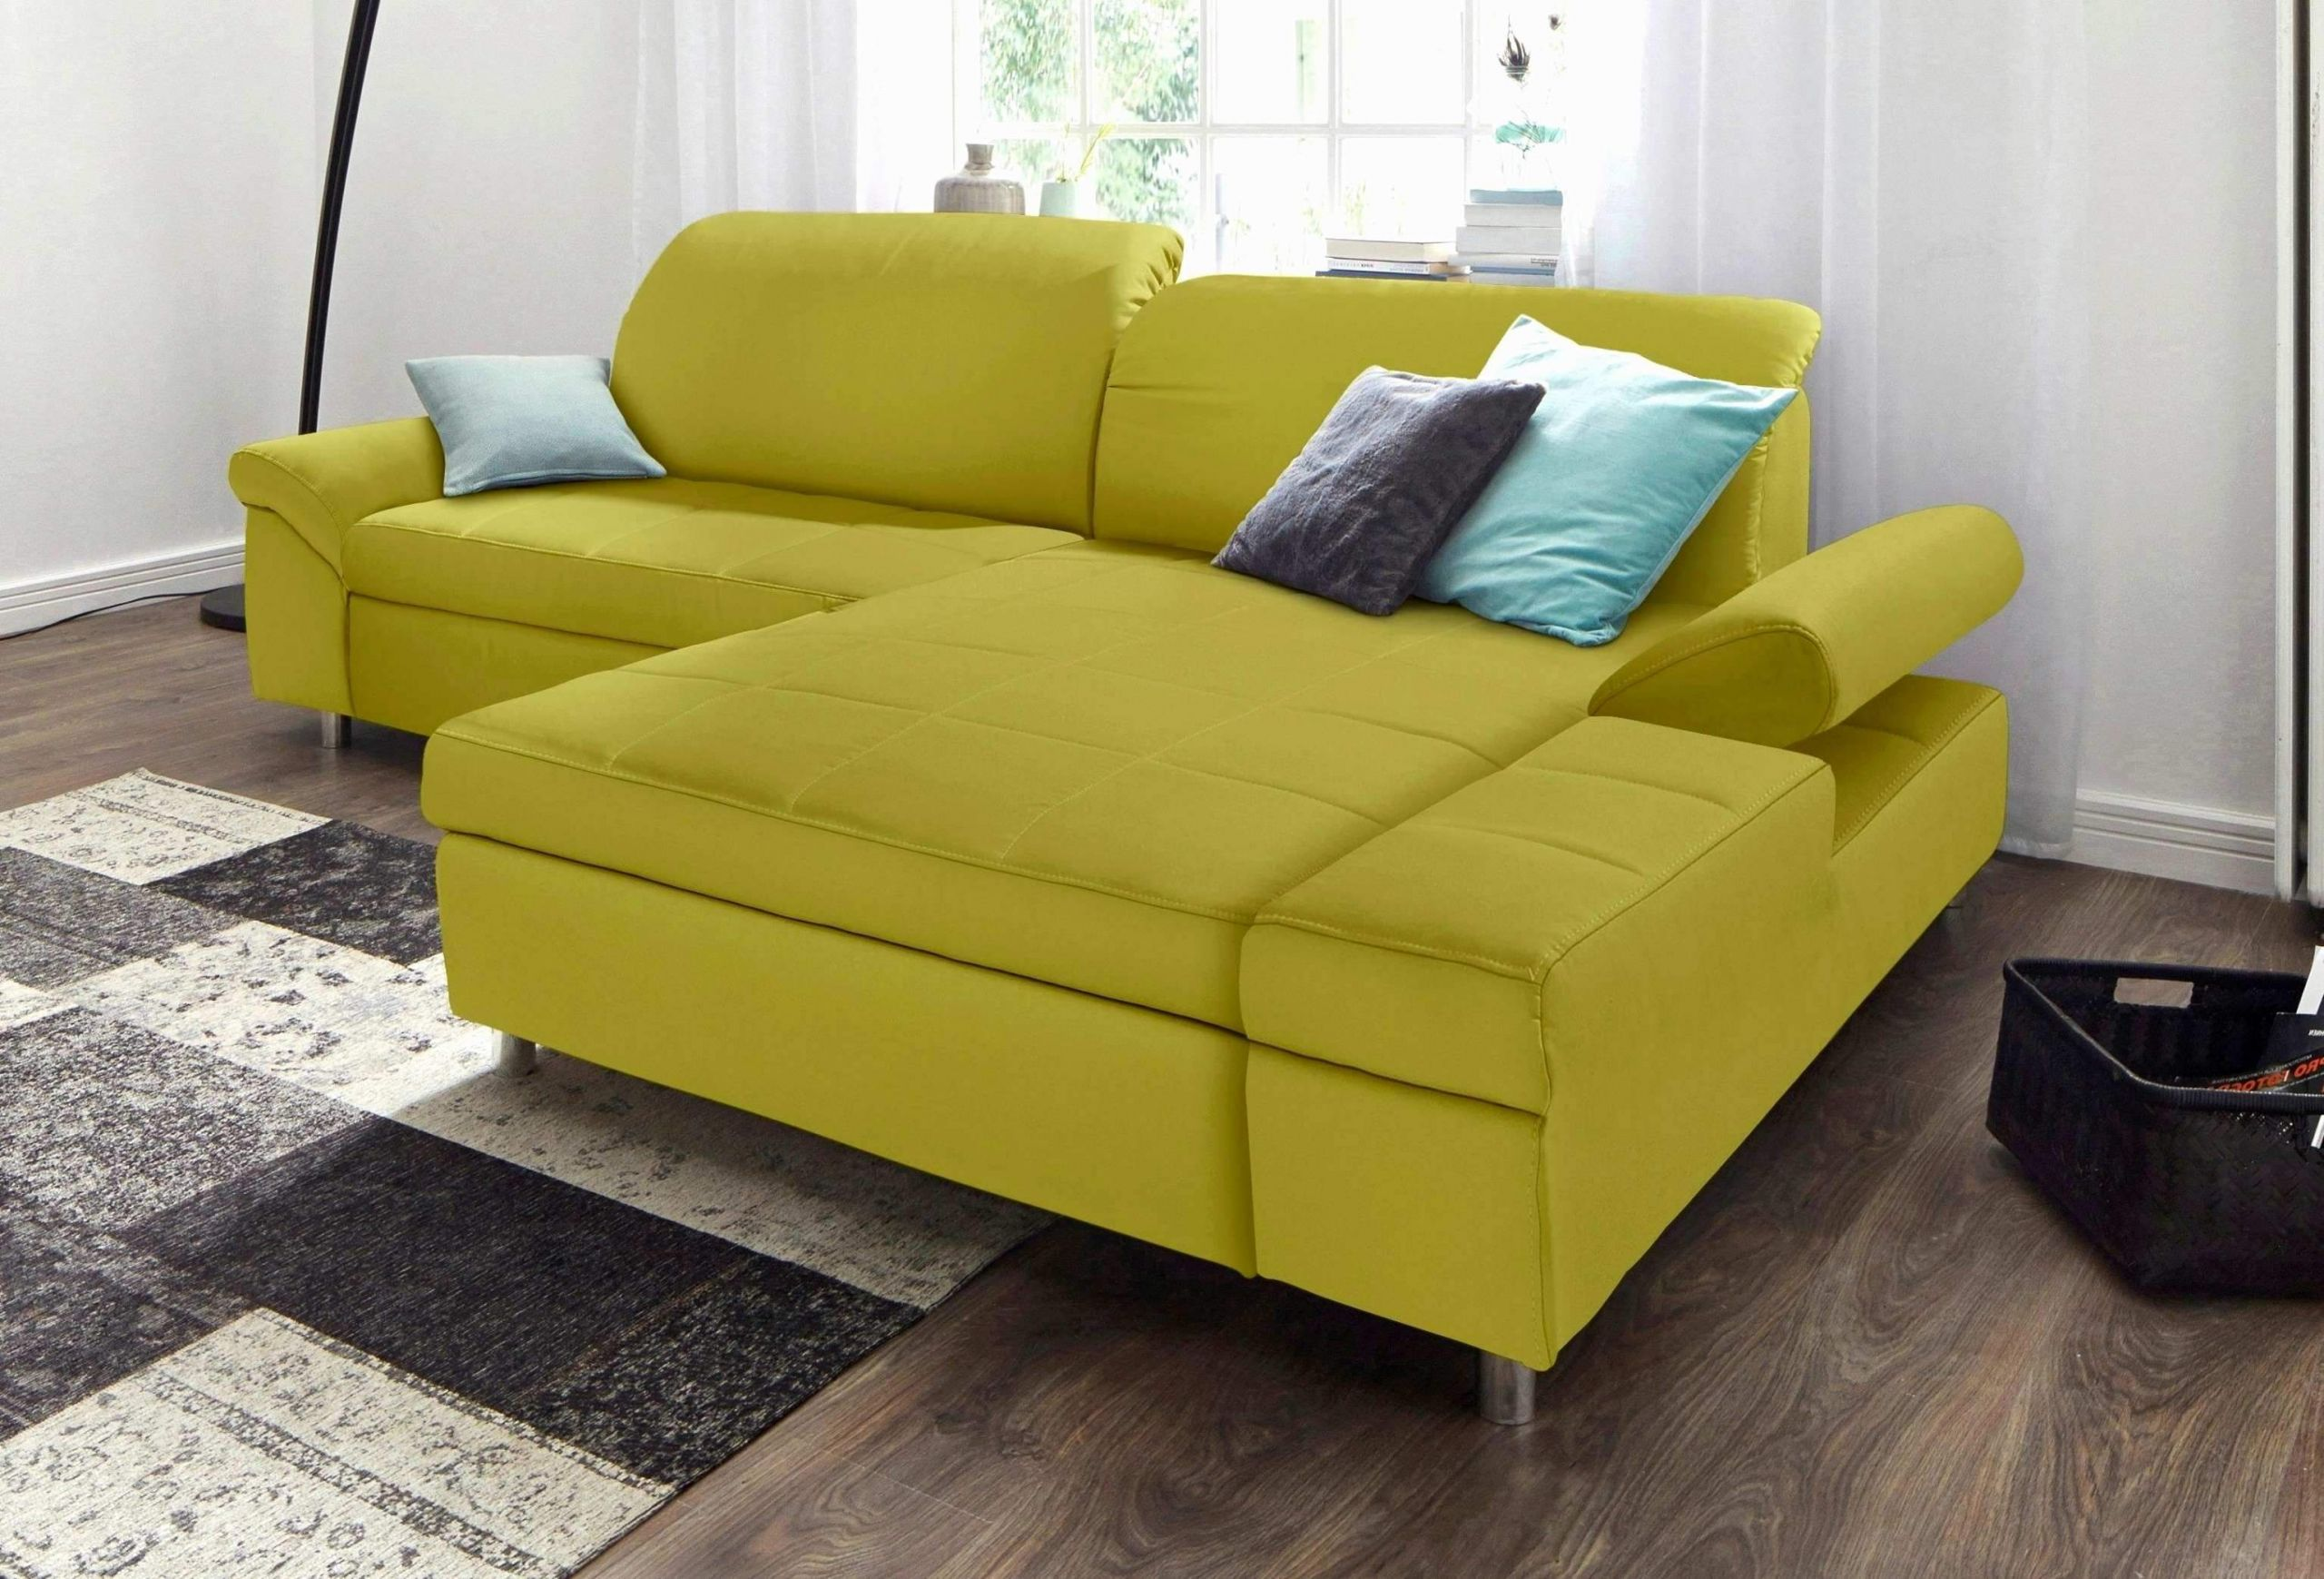 sofa mit sessel genial sessel erstaunlich mondo sessel ideen mondo sessel 0d of sofa mit sessel